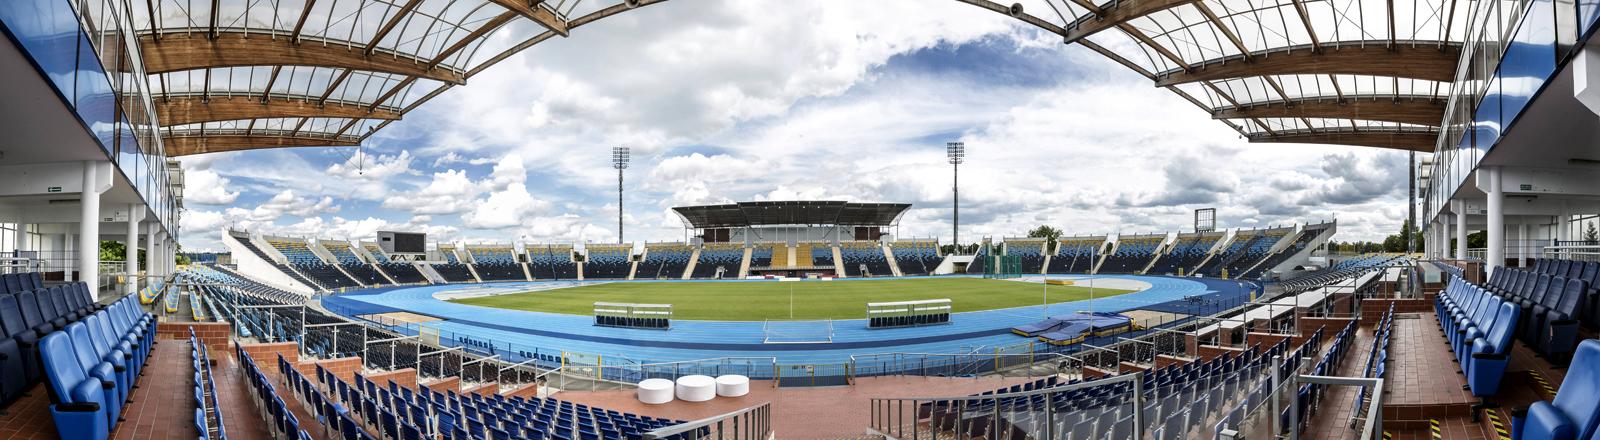 Blick auf ein Fußballstadion